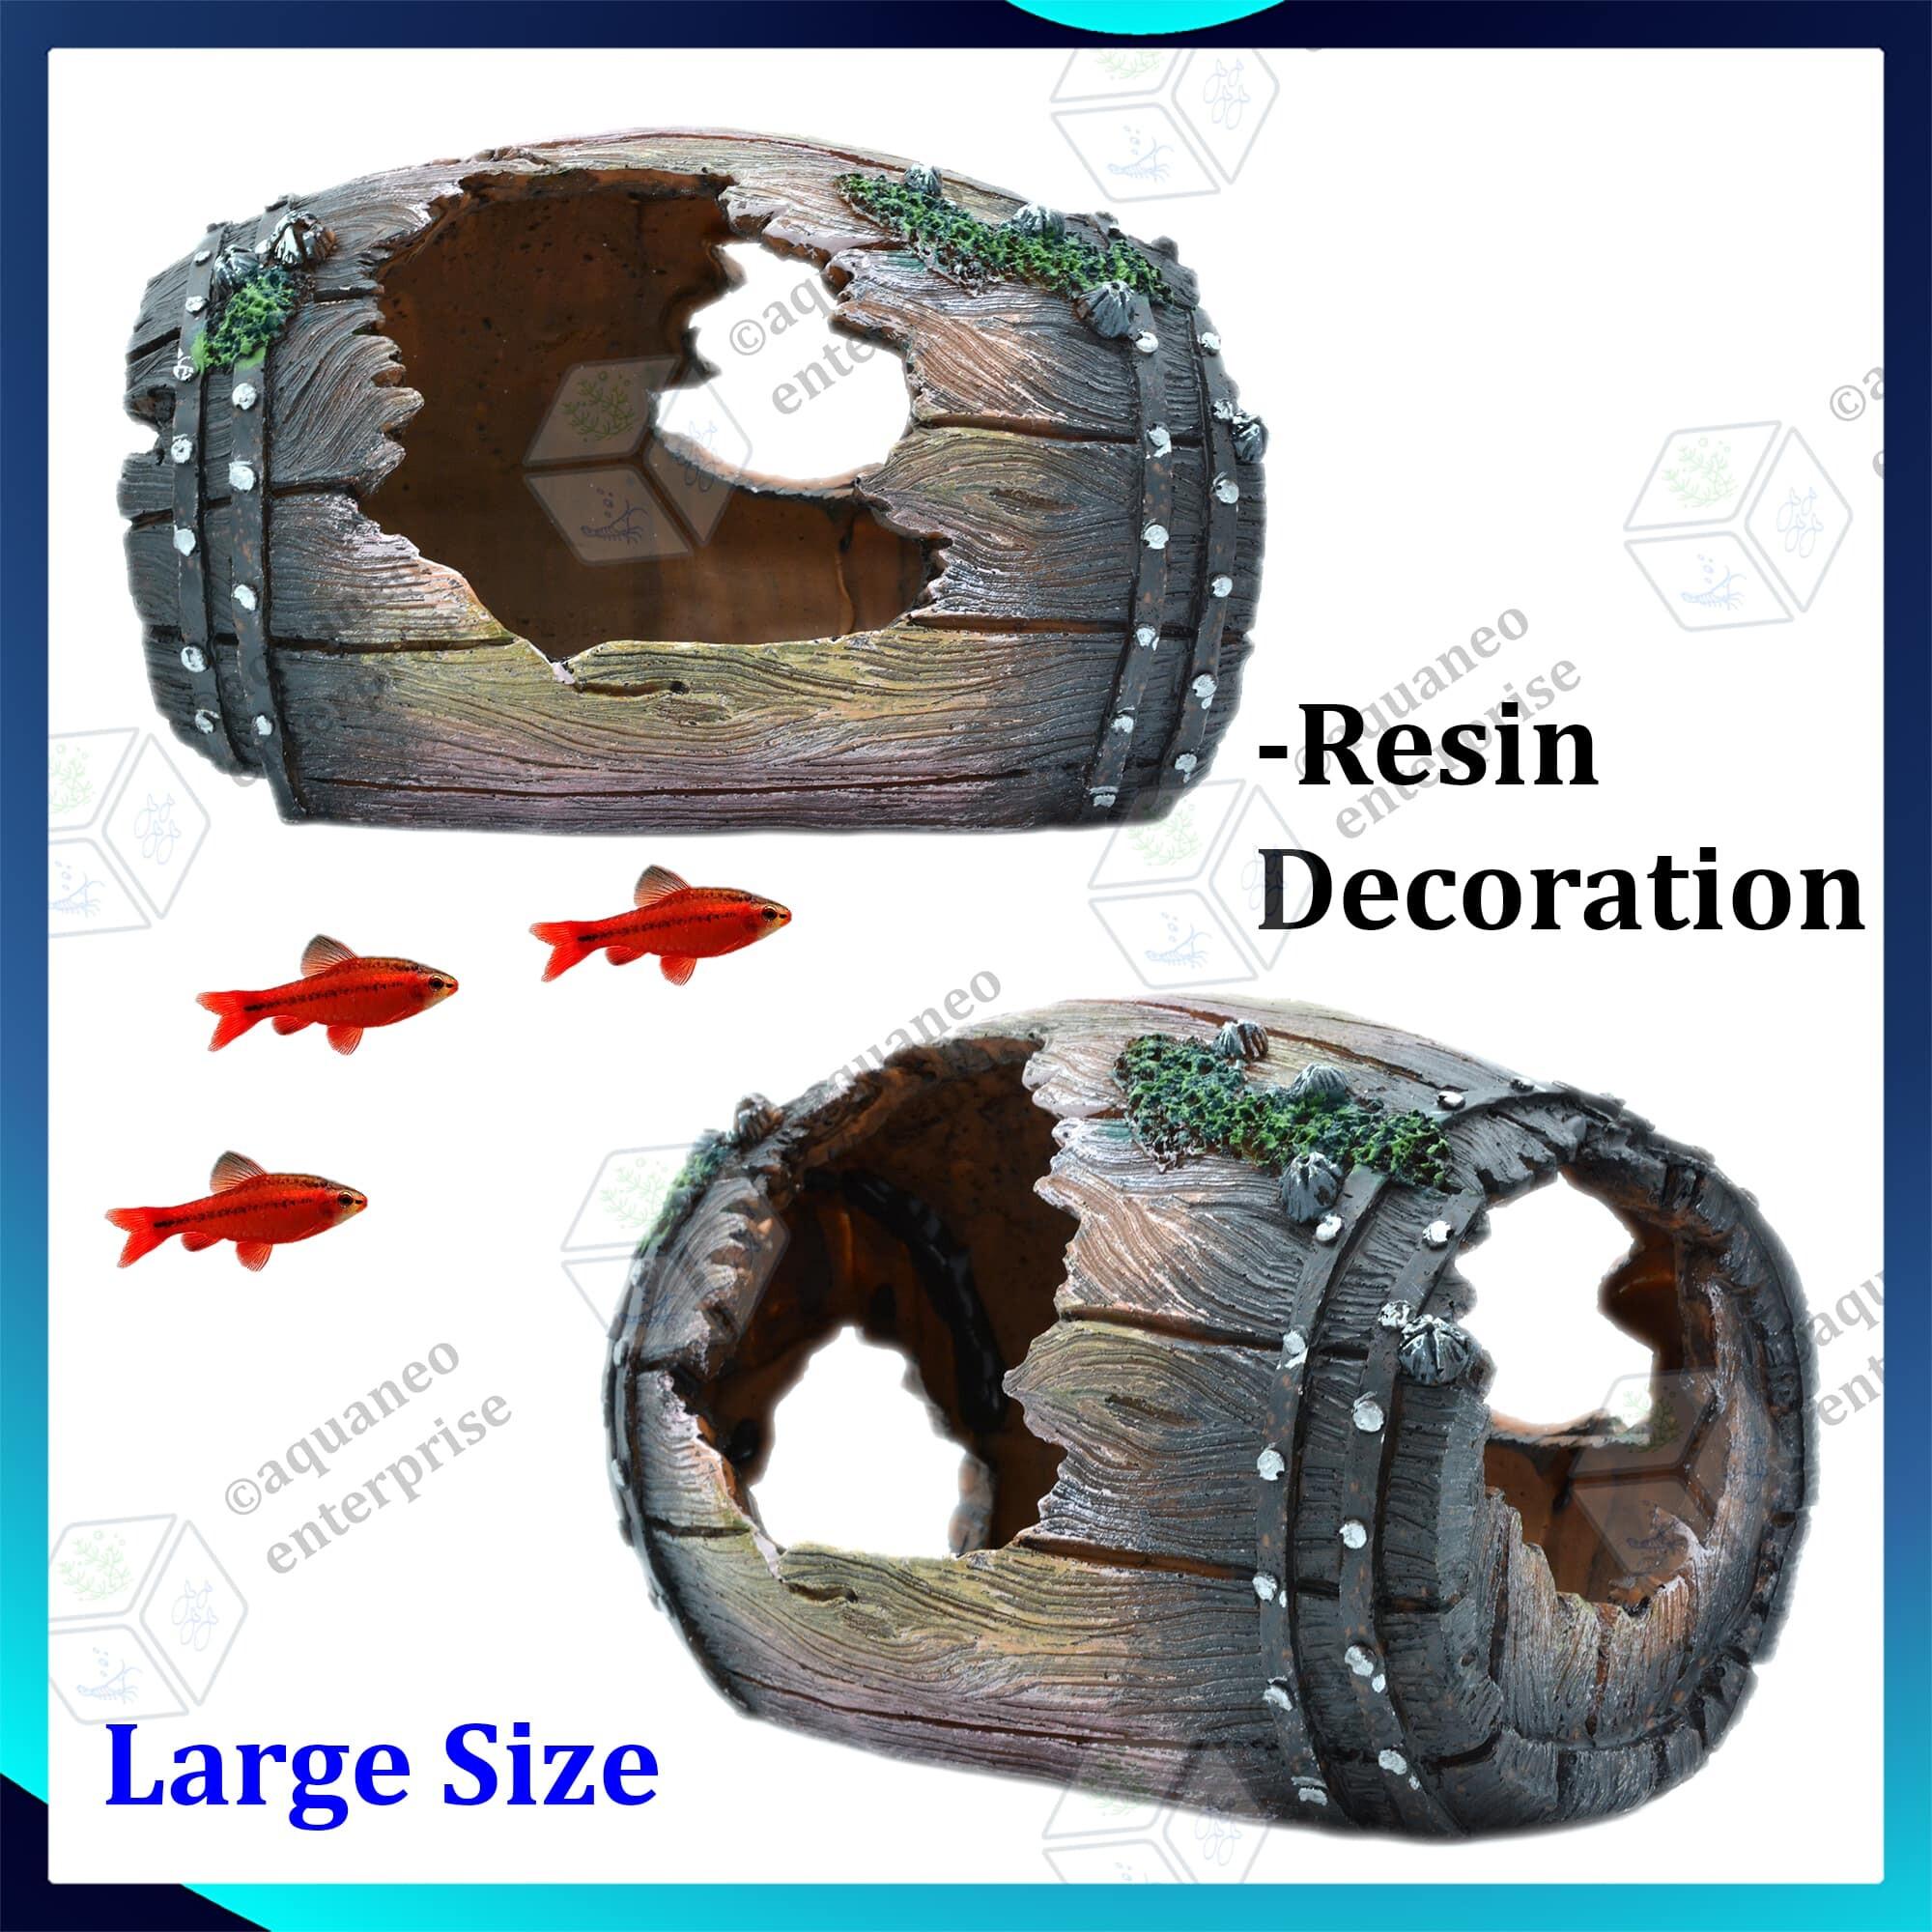 Aquarium Decoration Broken Barrel U229L - Large